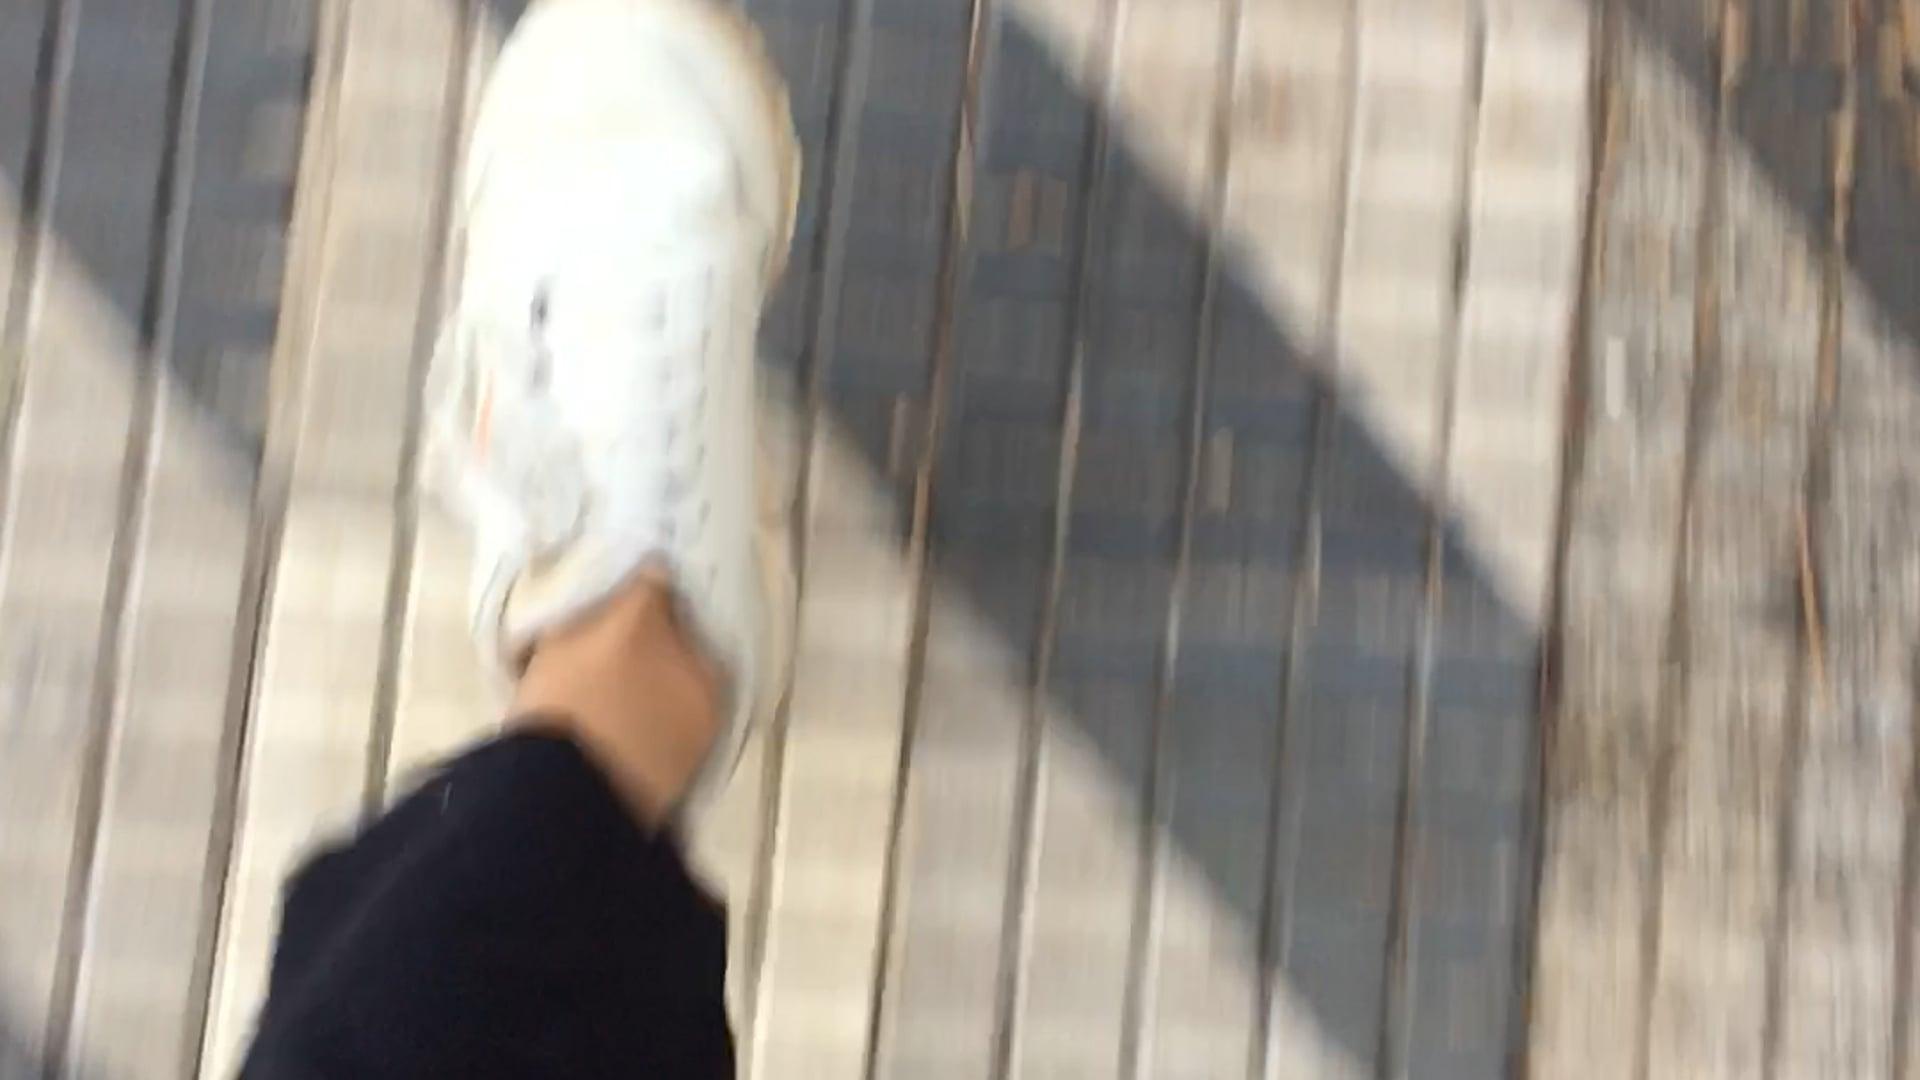 série Caminhadas, vídeo 13, parte 2